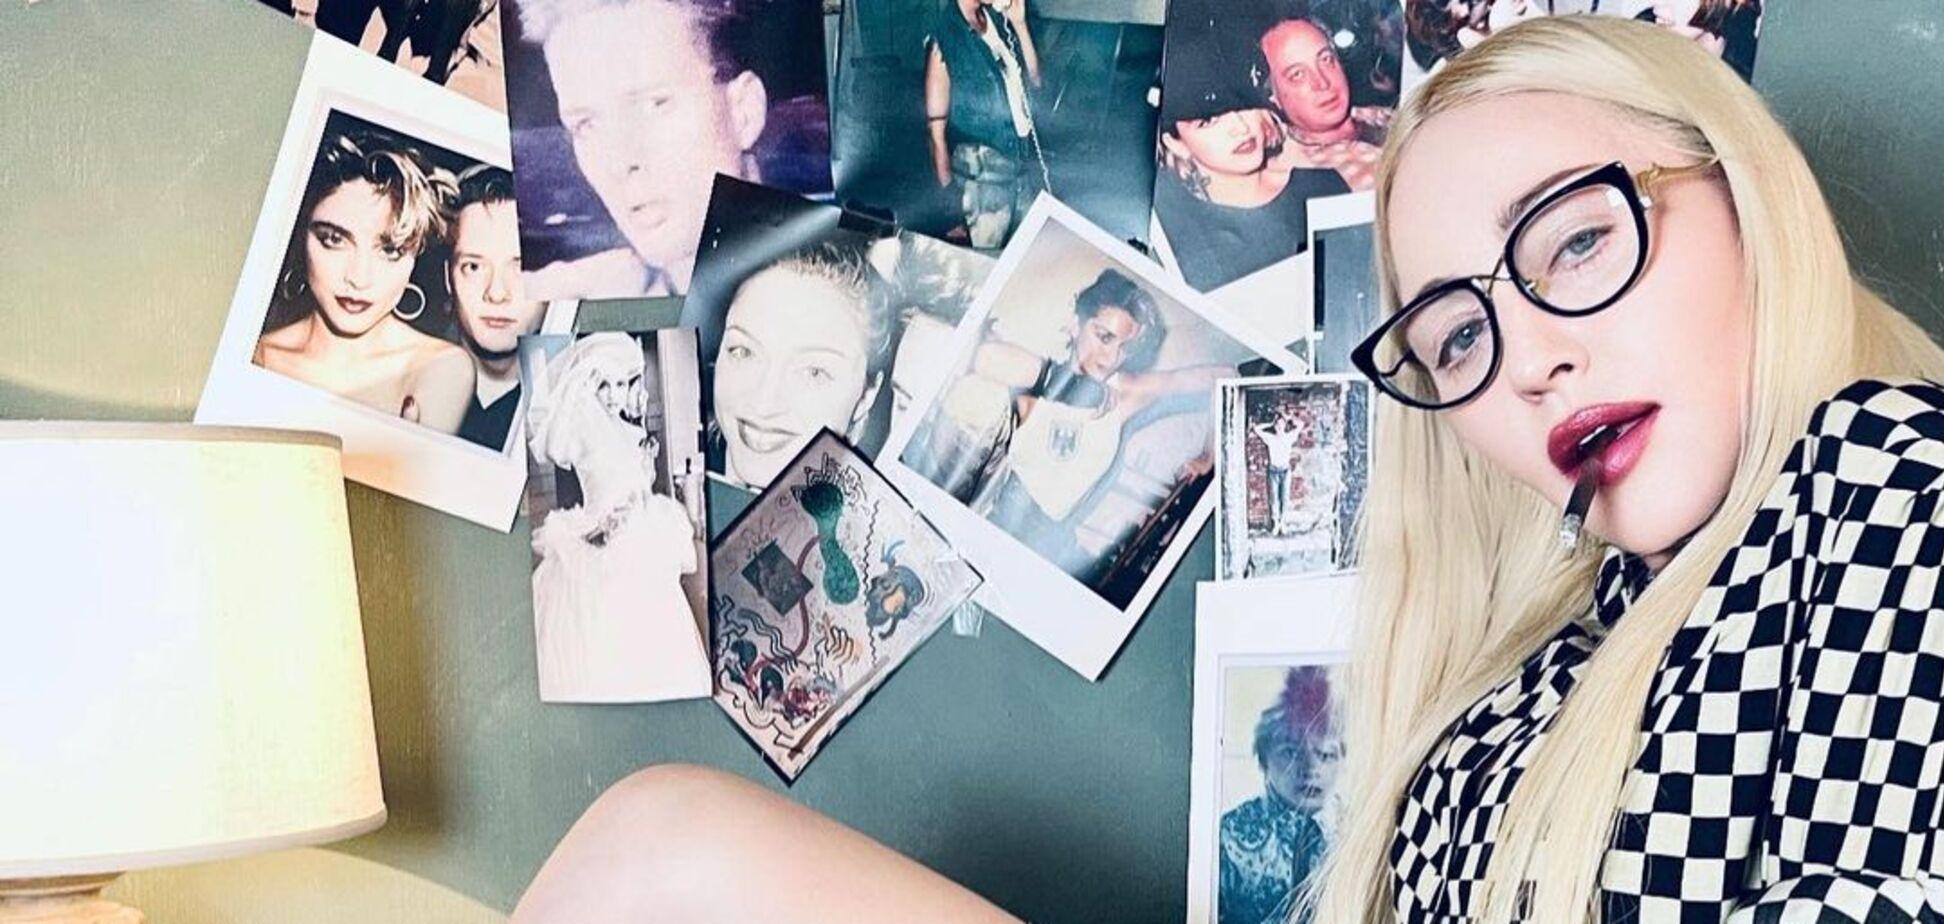 62-річна Мадонна засвітилася в коротких шортах на відпочинку з сім'єю. Фото